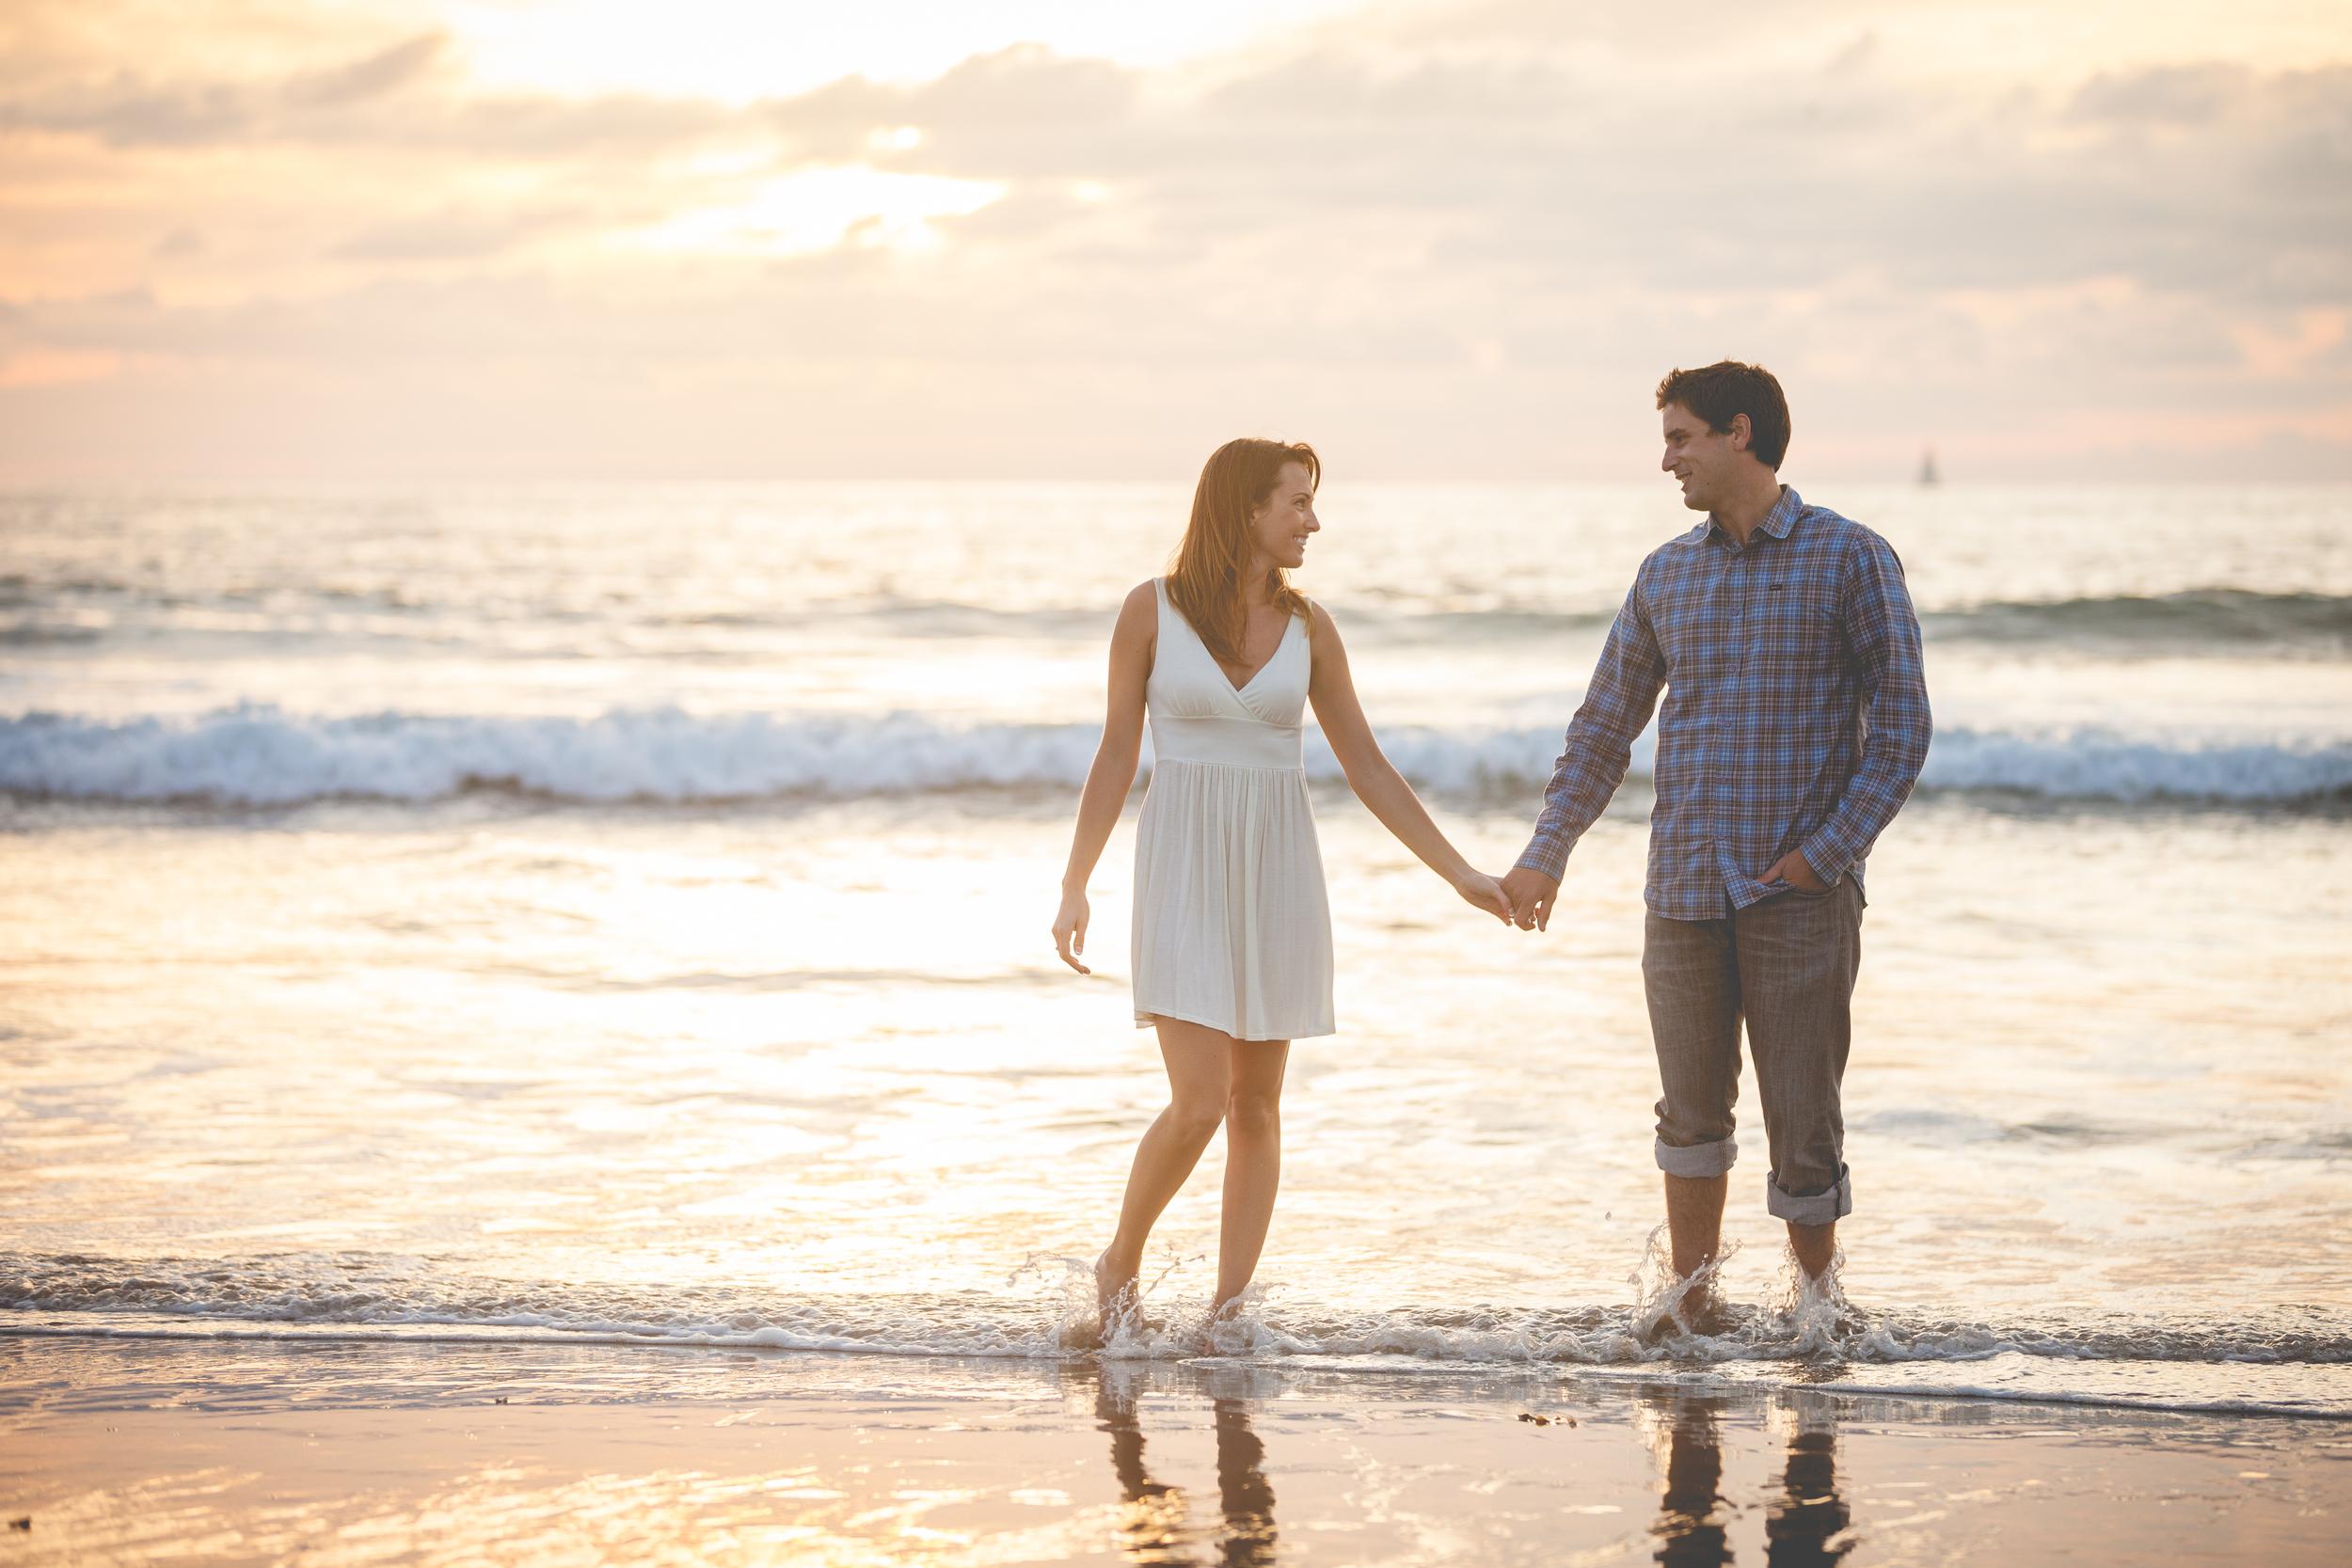 Hermosa Beach Engagement